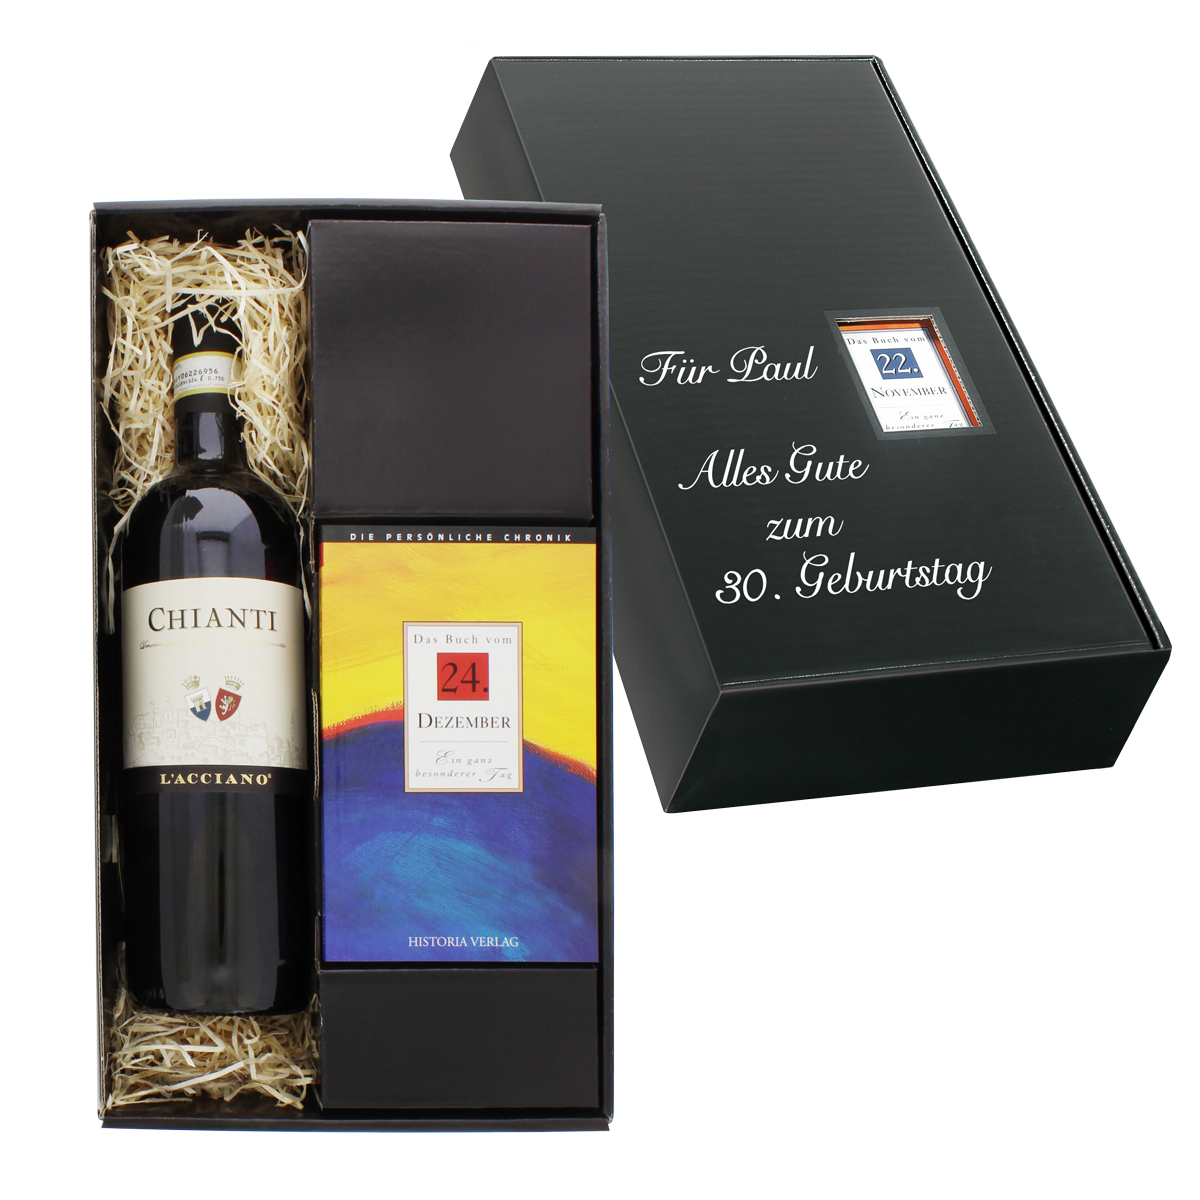 Italien-Set: Tageschronik vom 12. Juli & Chianti-Wein